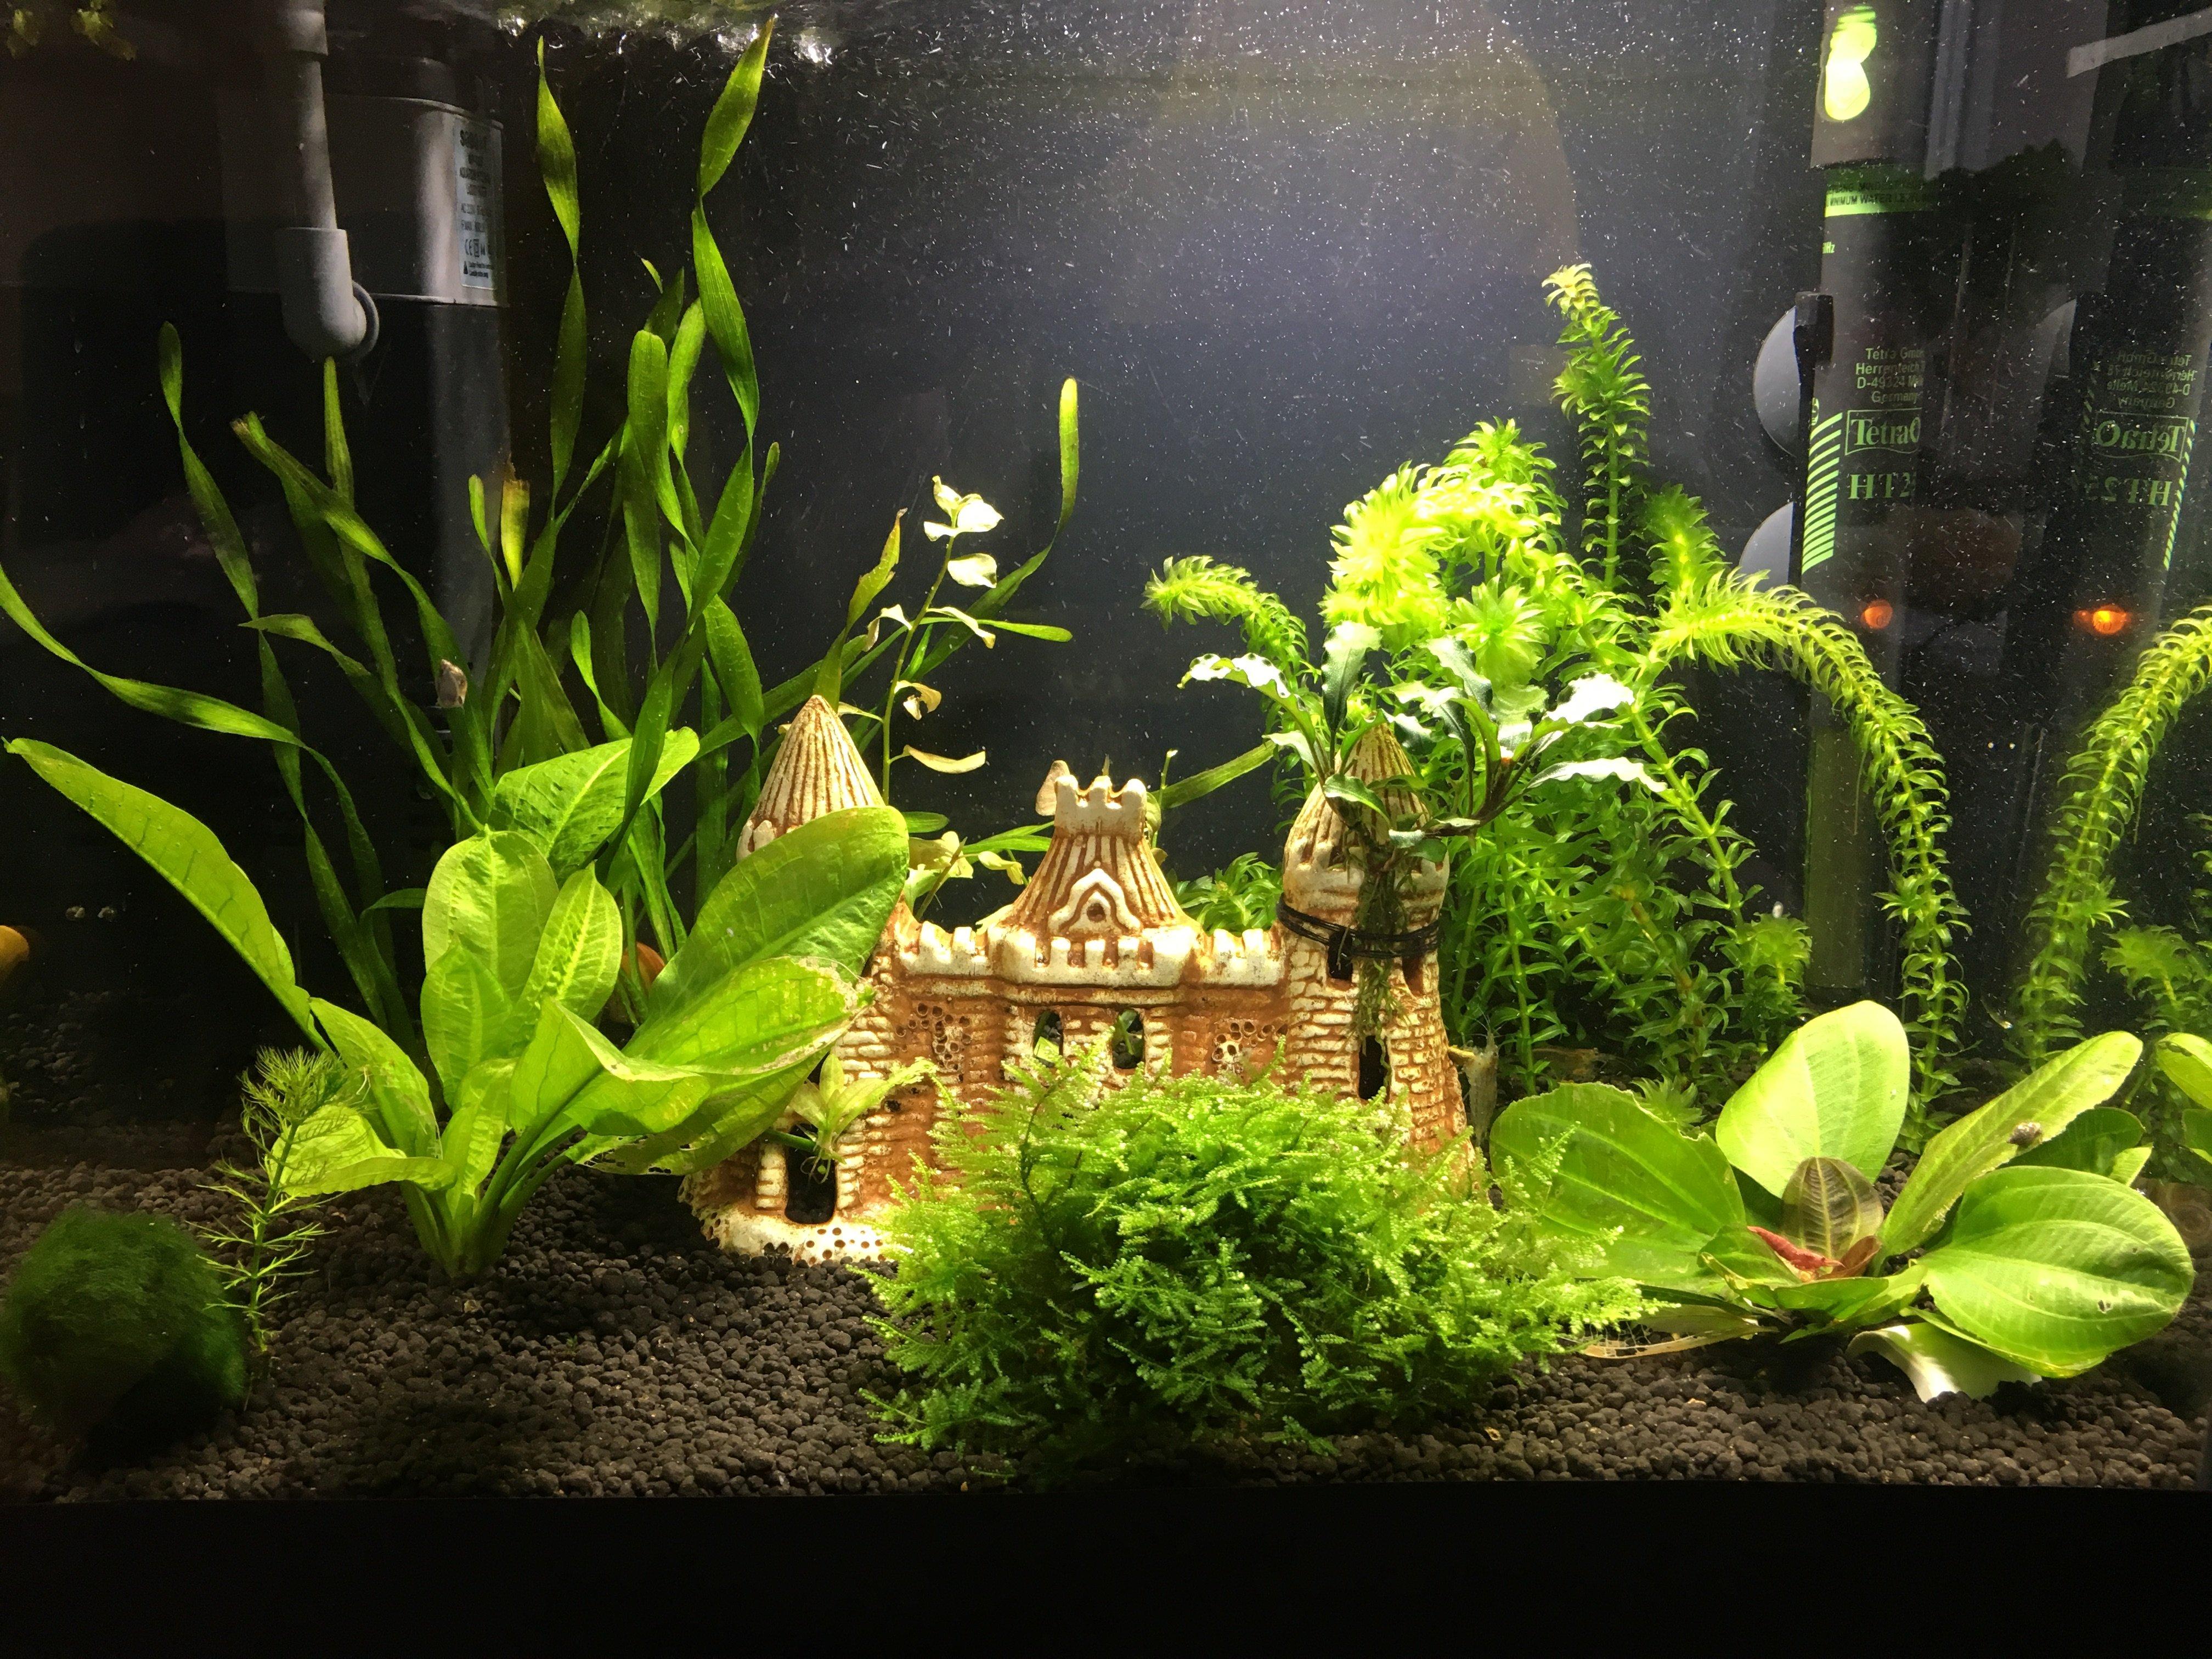 вылетающие границы фото оформления аквариумов с живыми растениями делаете, или планируете